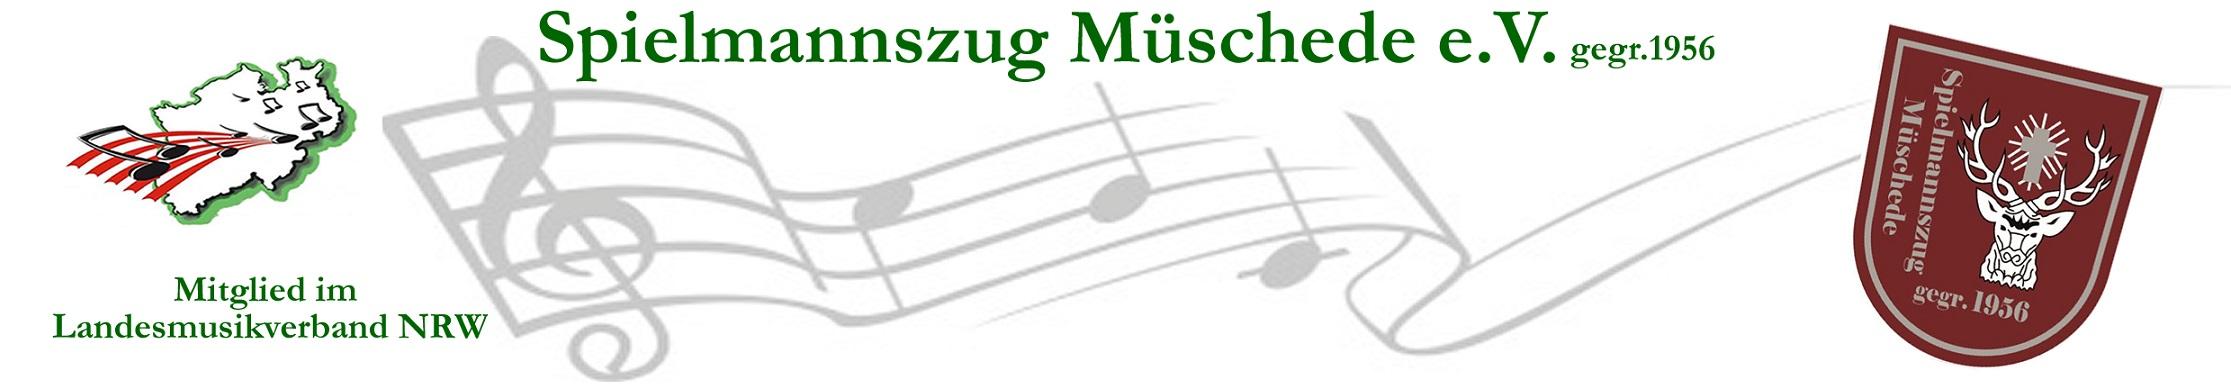 Spielmannszug Müschede e.V.